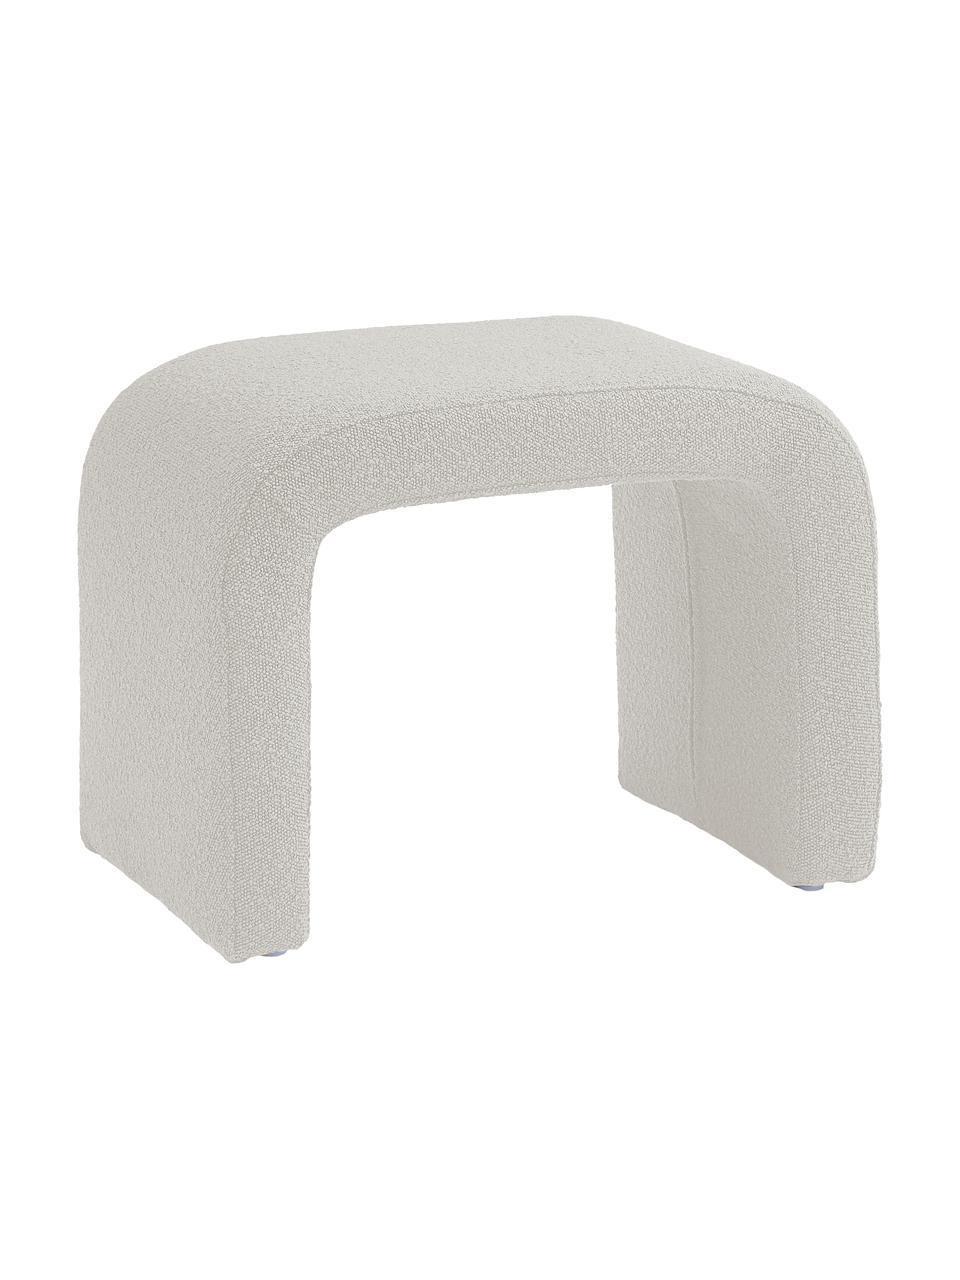 Bouclé-Hocker Penelope, Bezug: Bouclé (100% Polyester) D, Gestell: Metall, Sperrholz, Bouclé Weiß, 61 x 46 cm